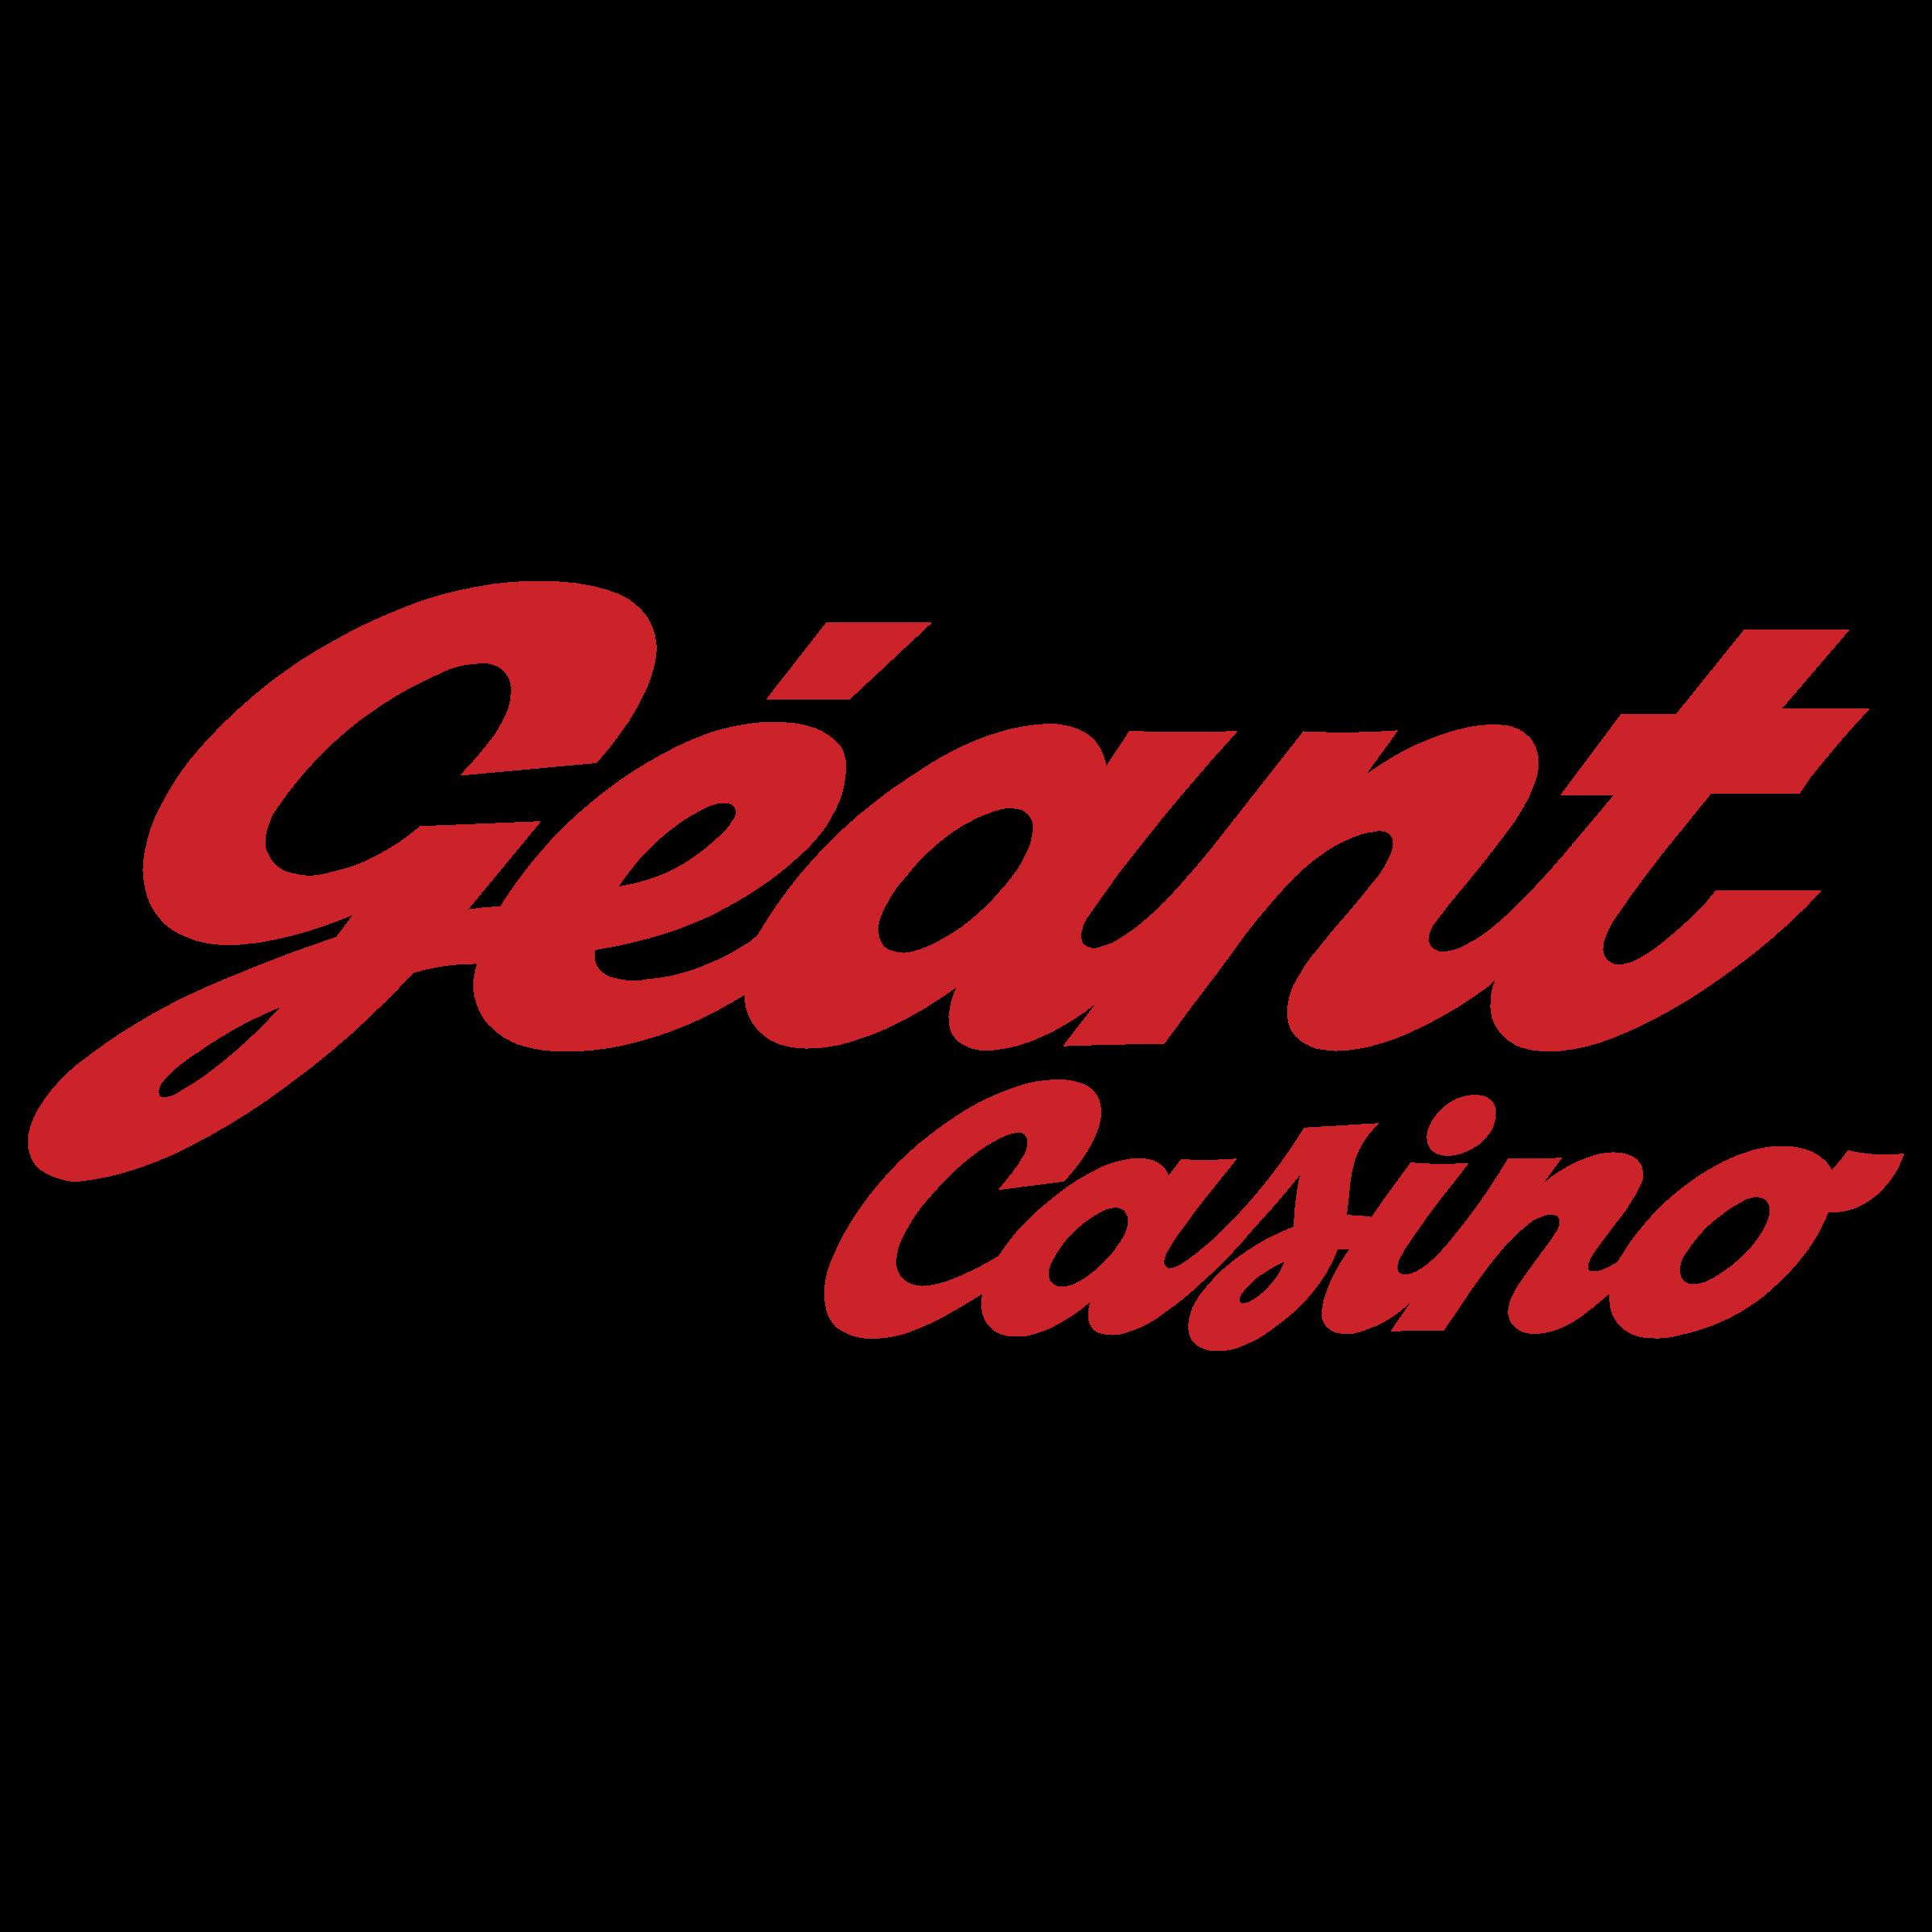 Www geant casino kbc poker ii compact keyboard